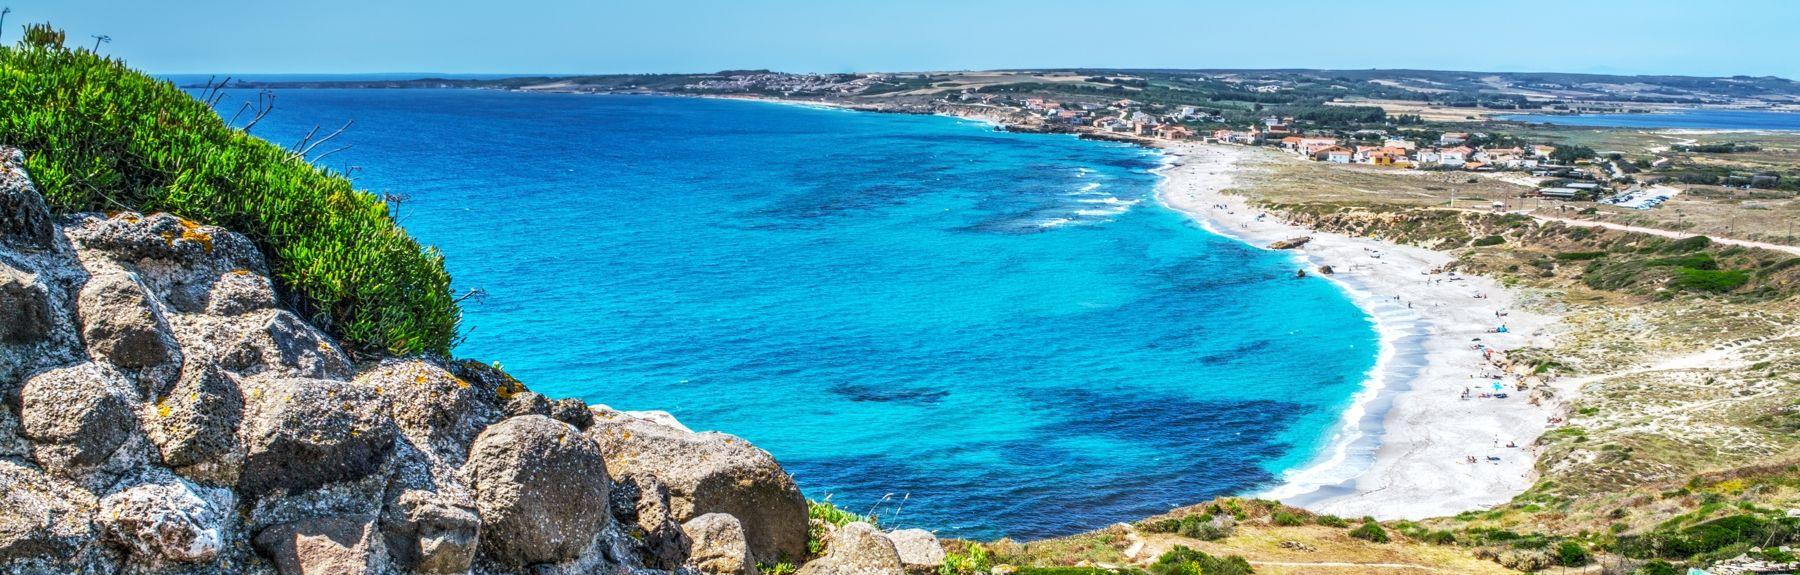 Spiaggia di Torre dei Corsari, Arbus, Sardinië, Italië